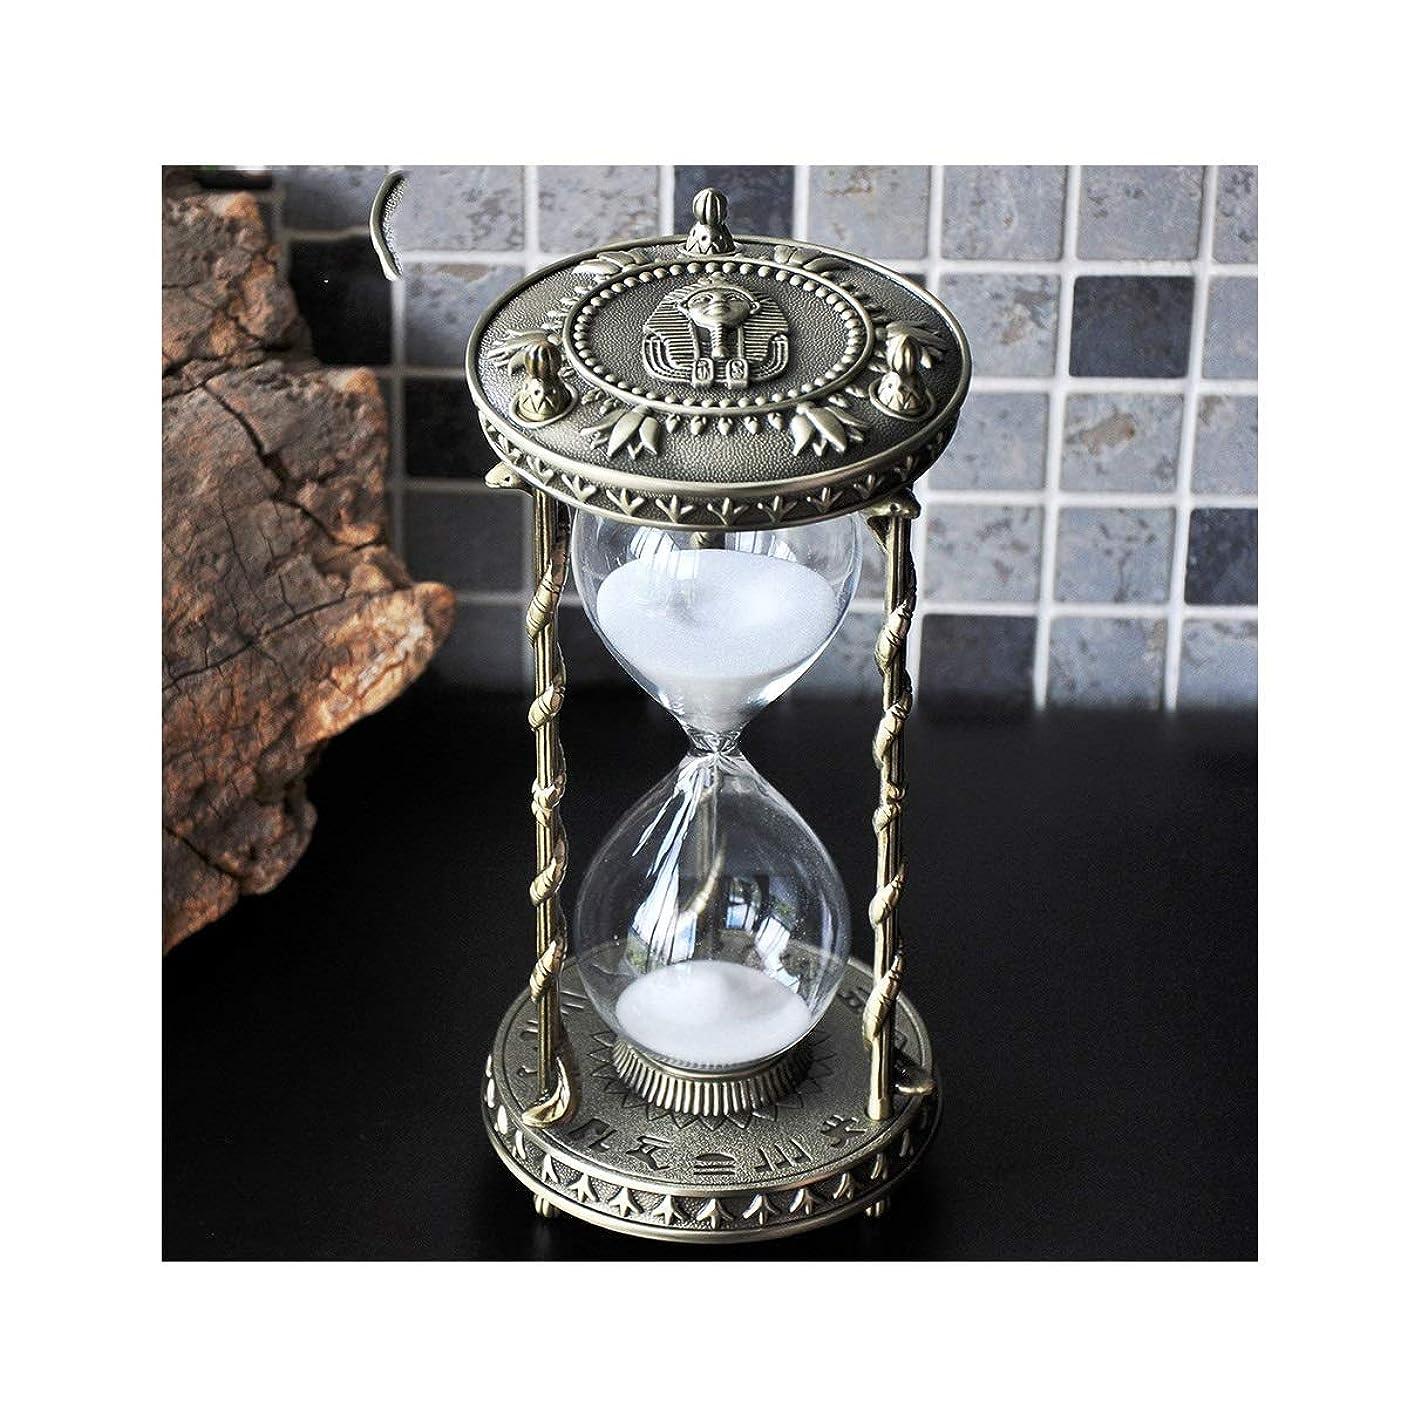 端チーム群衆XIONGHAIZI 砂時計、金属砂時計30分タイマー、創造的な装飾品、ホームデコレーション、ギフト、卓上装飾品 (Size : 30 minutes)